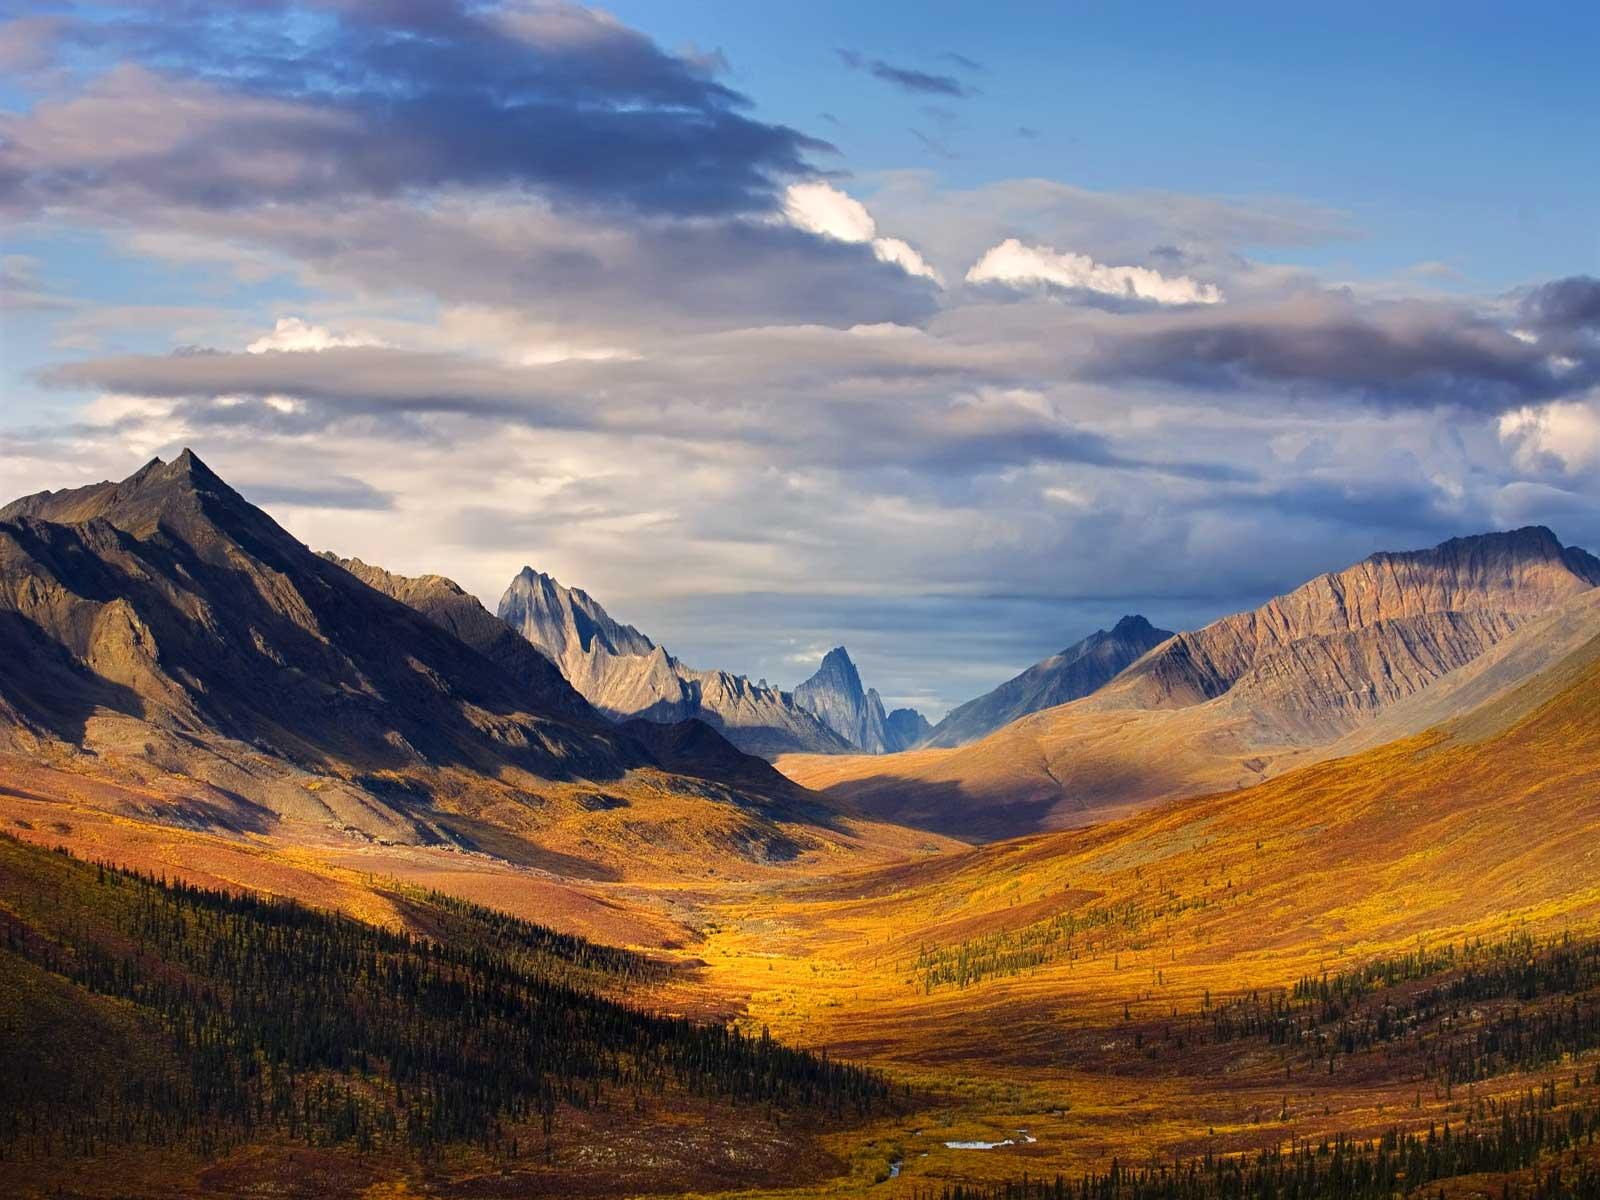 自然景观与丘陵和山脉重叠